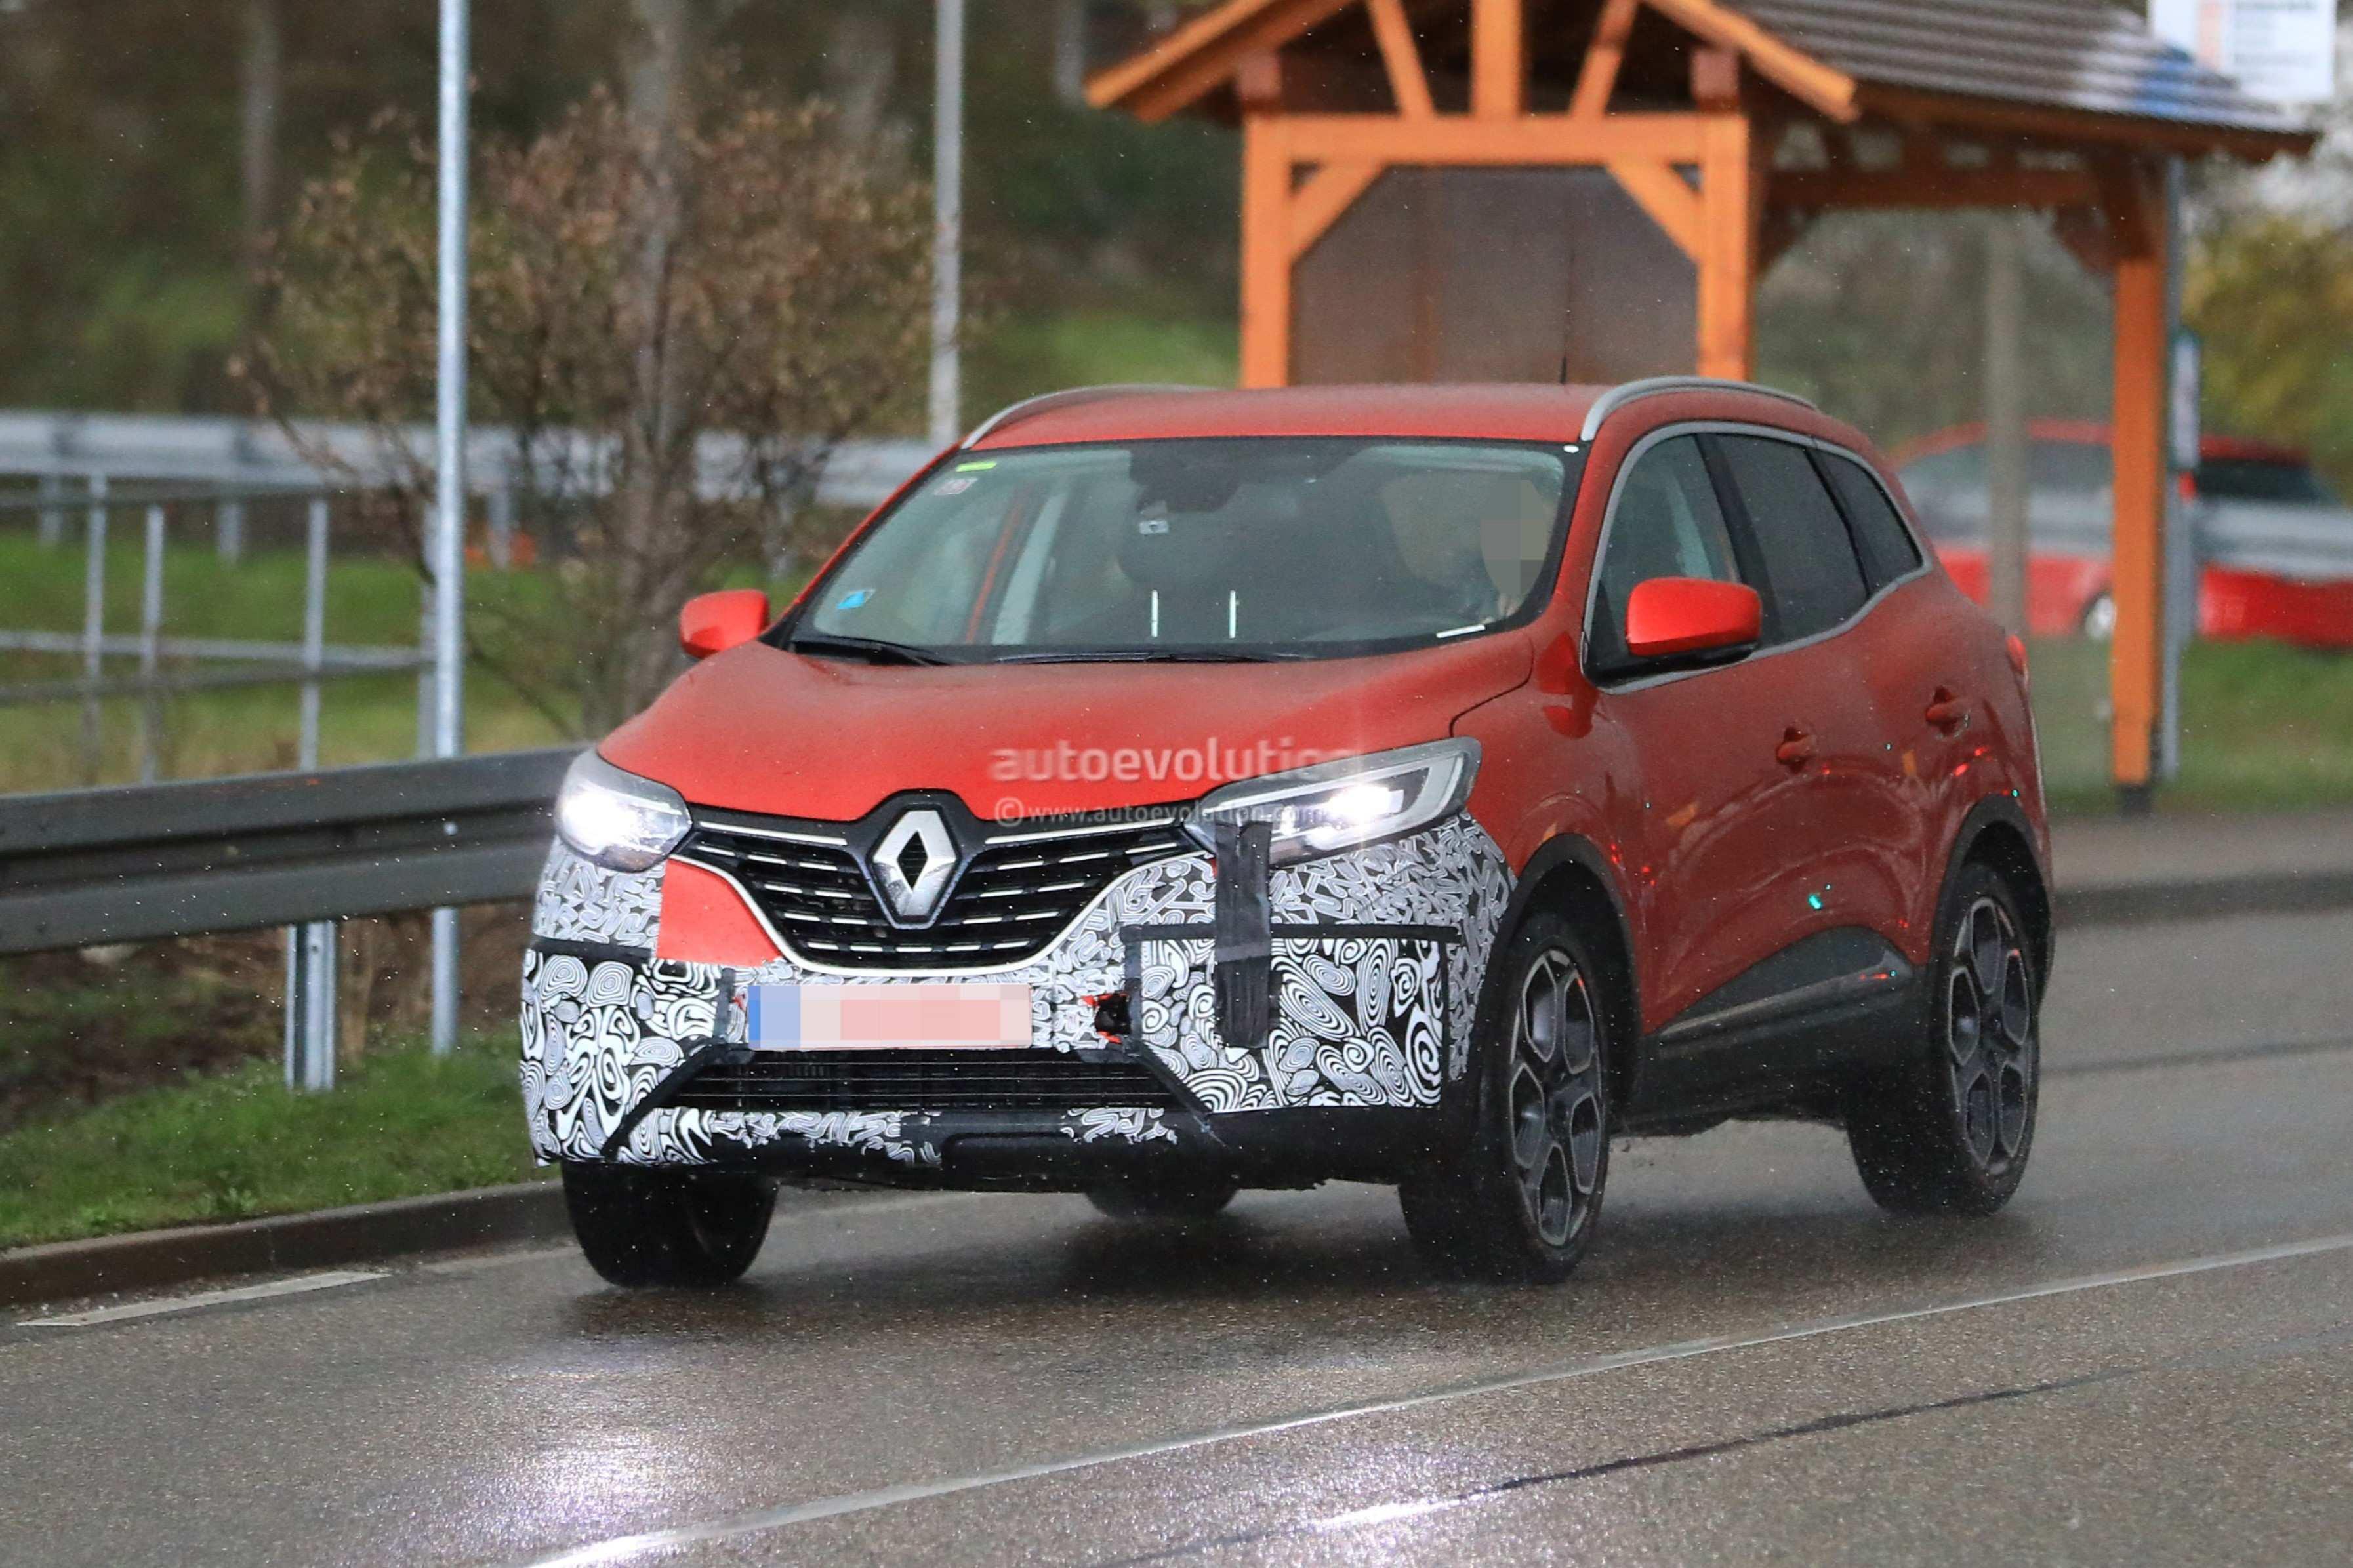 78 All New Renault 2019 Models Redesign for Renault 2019 Models